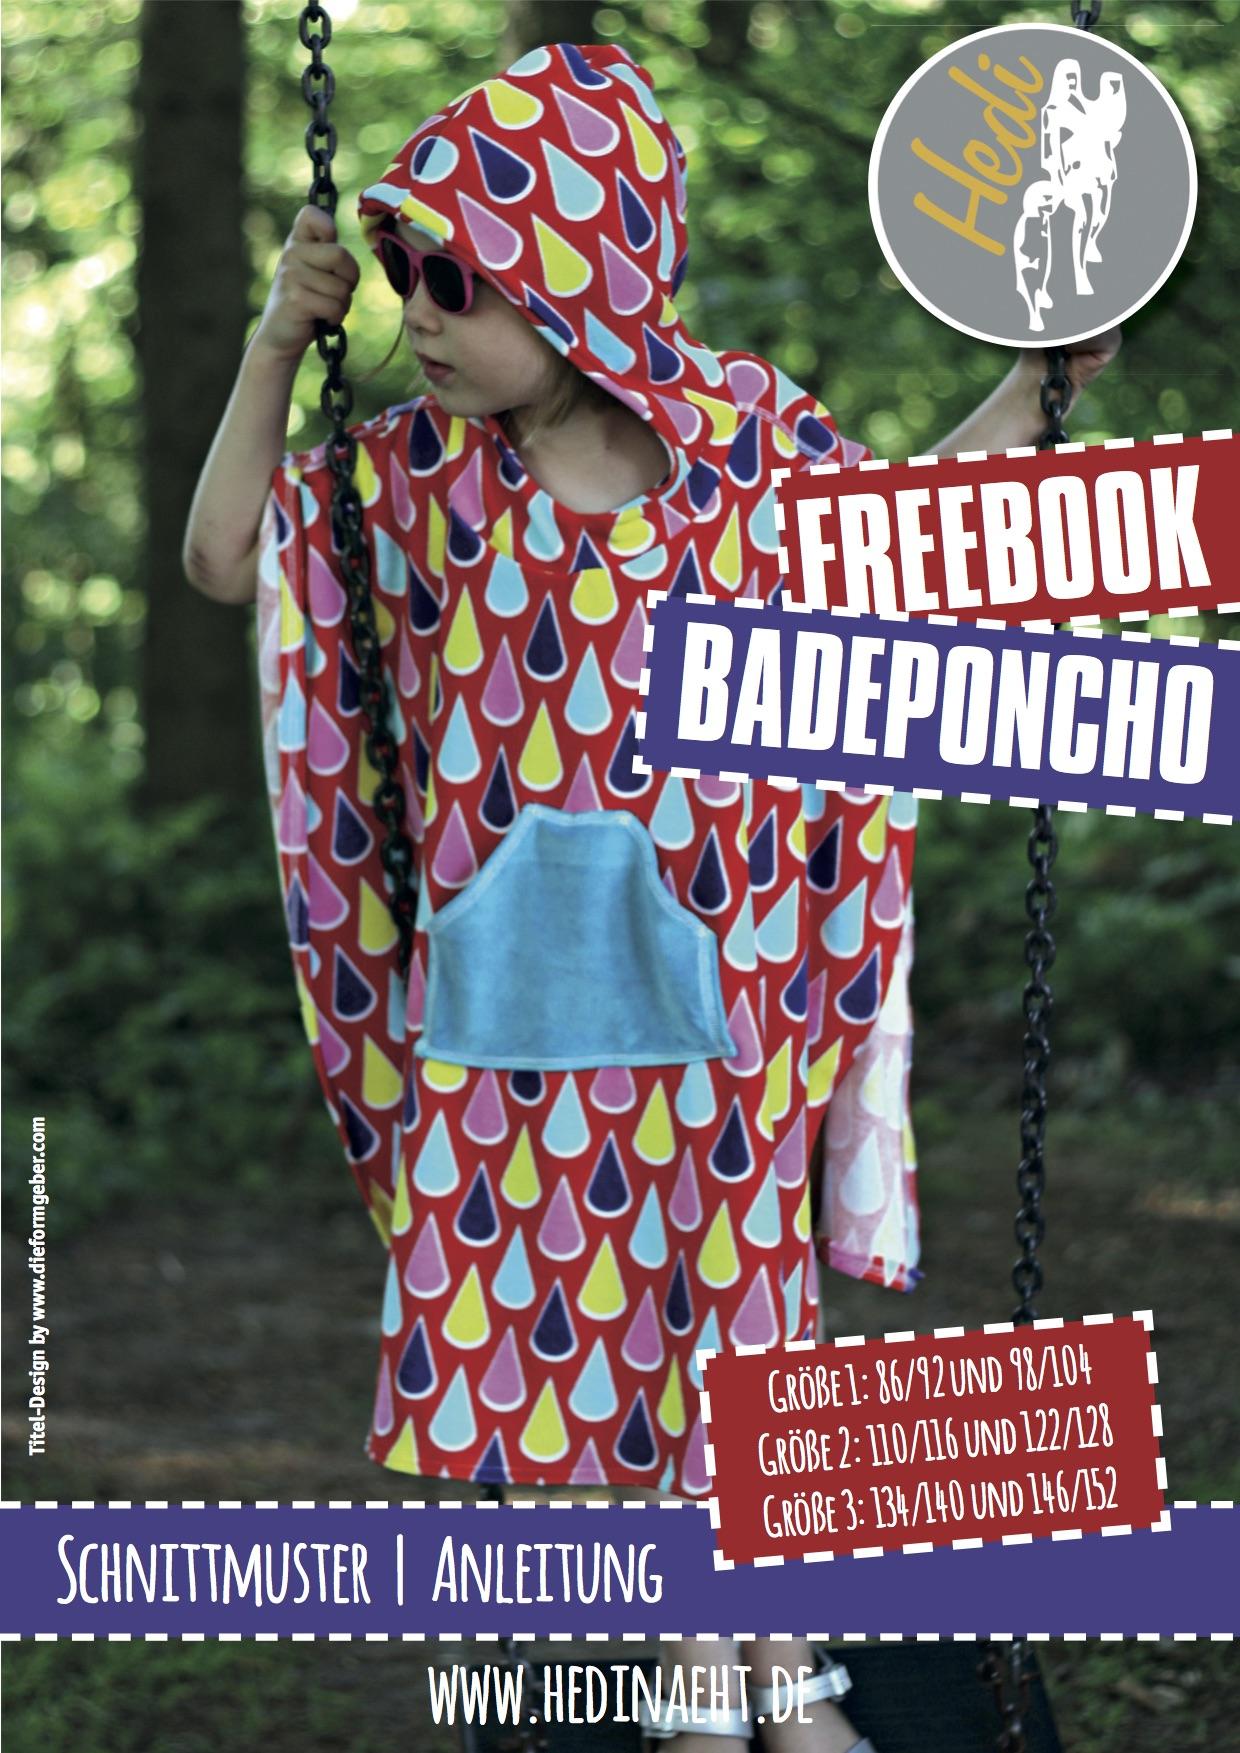 Badeponcho für Kinder (Gr. 86-152) von Hedi näht